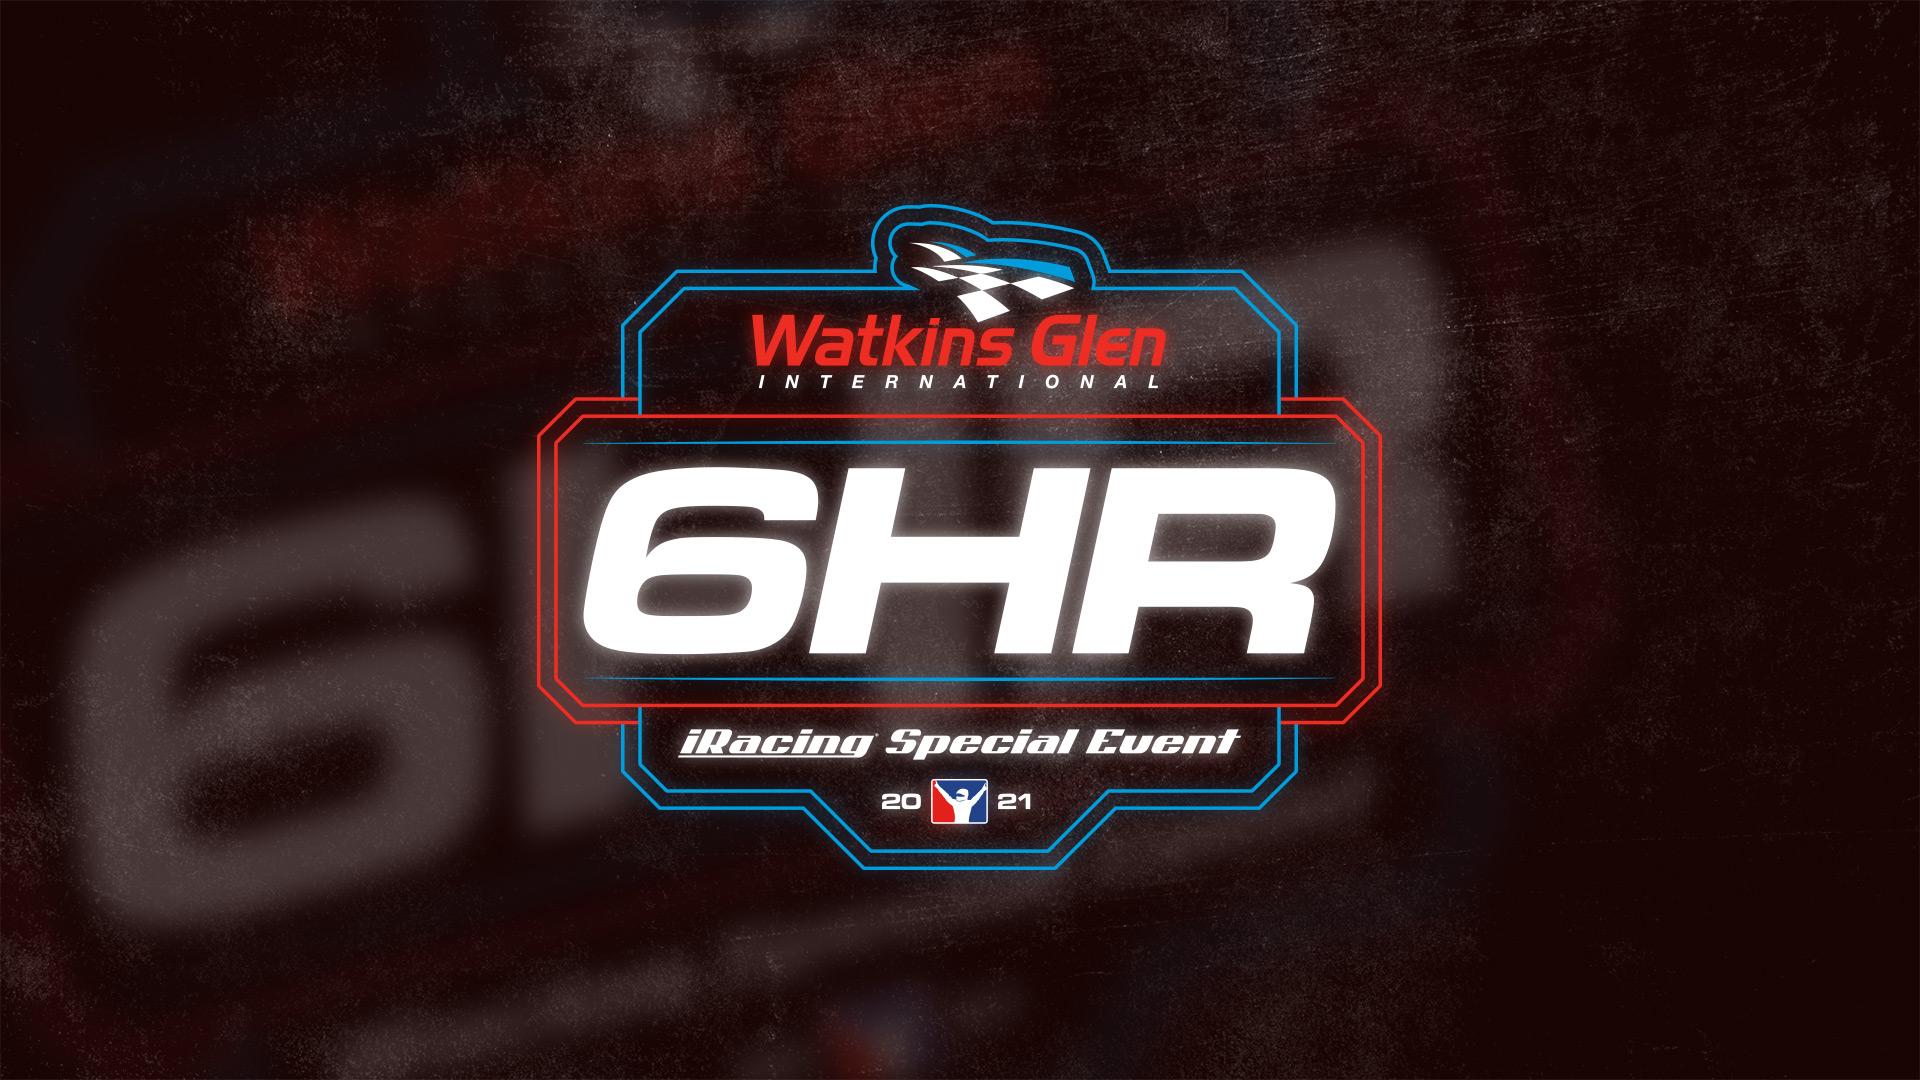 iRSE-Watkins-Glen-6HR-feature.jpg